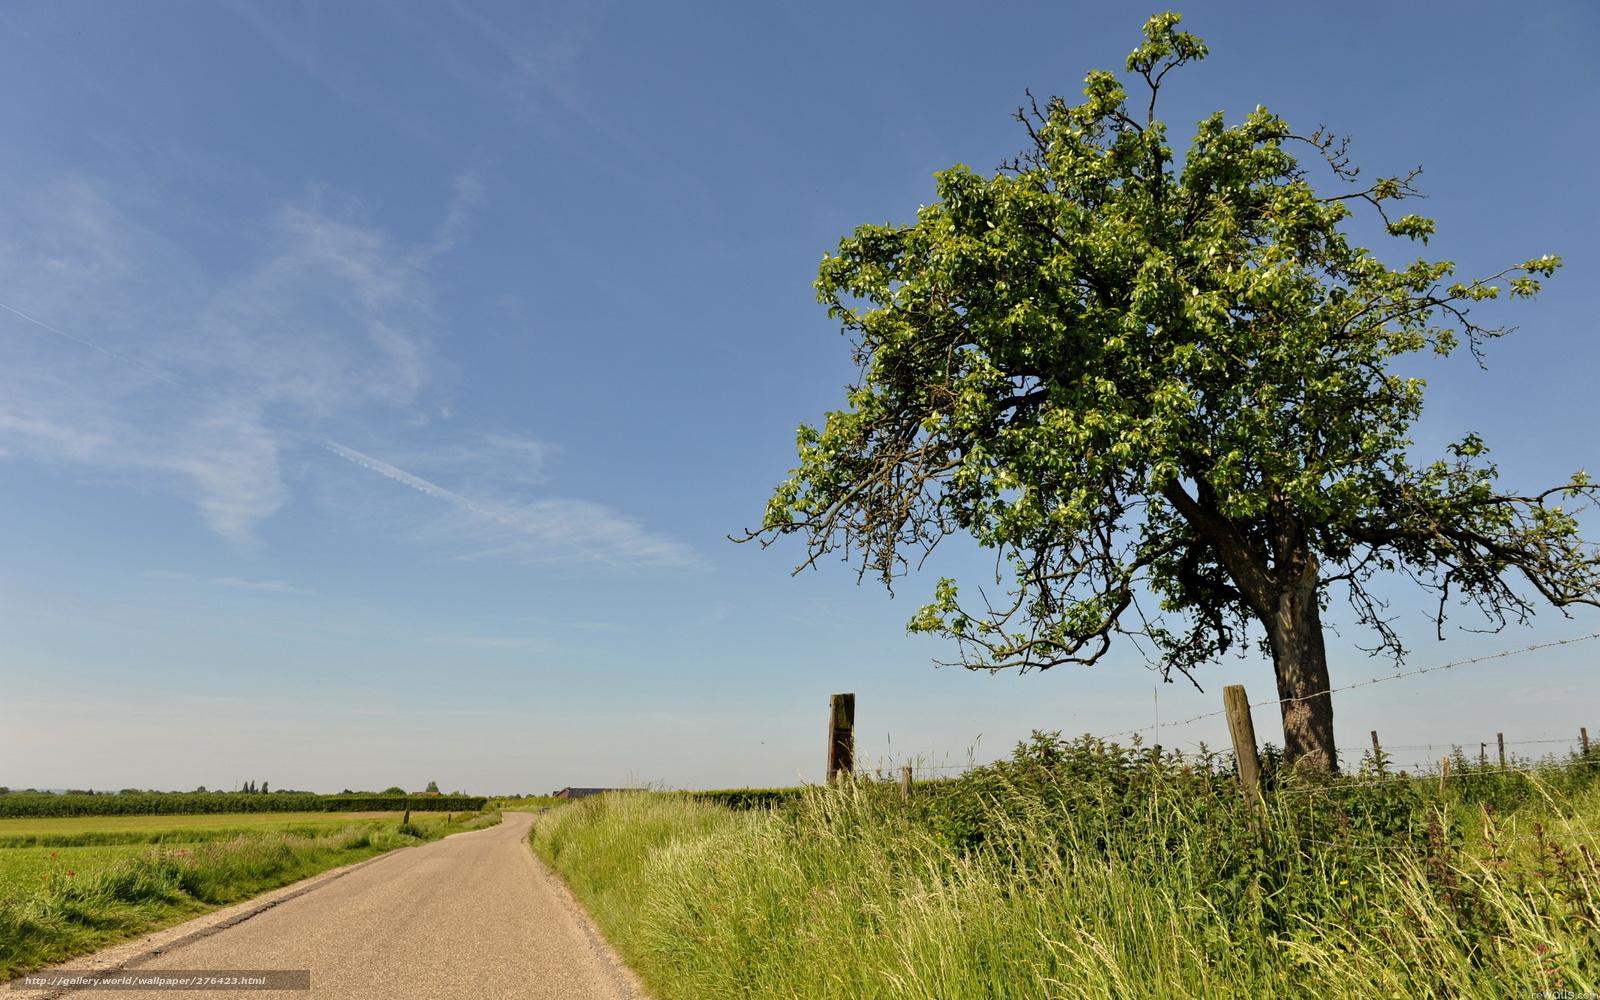 Tlcharger Fond D 39 Ecran Route Arbre Ciel Nature Fonds D